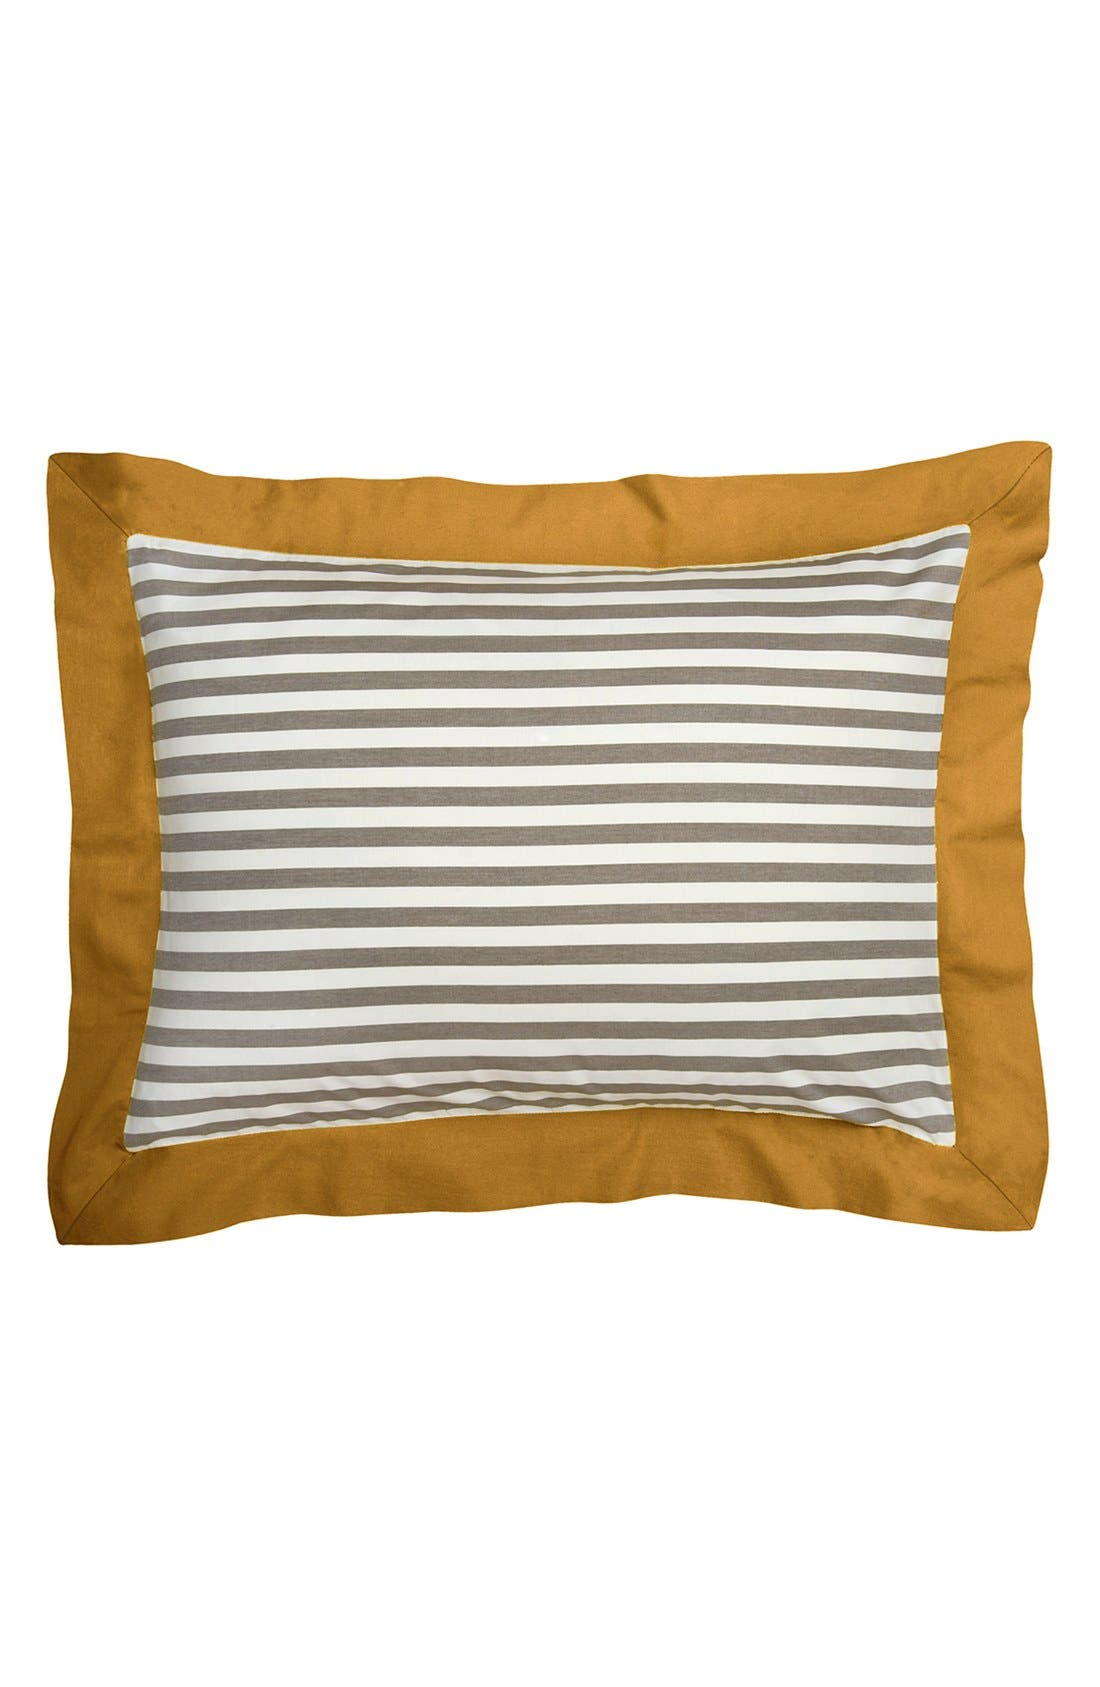 'Draper' Stripe Shams,                             Main thumbnail 1, color,                             700